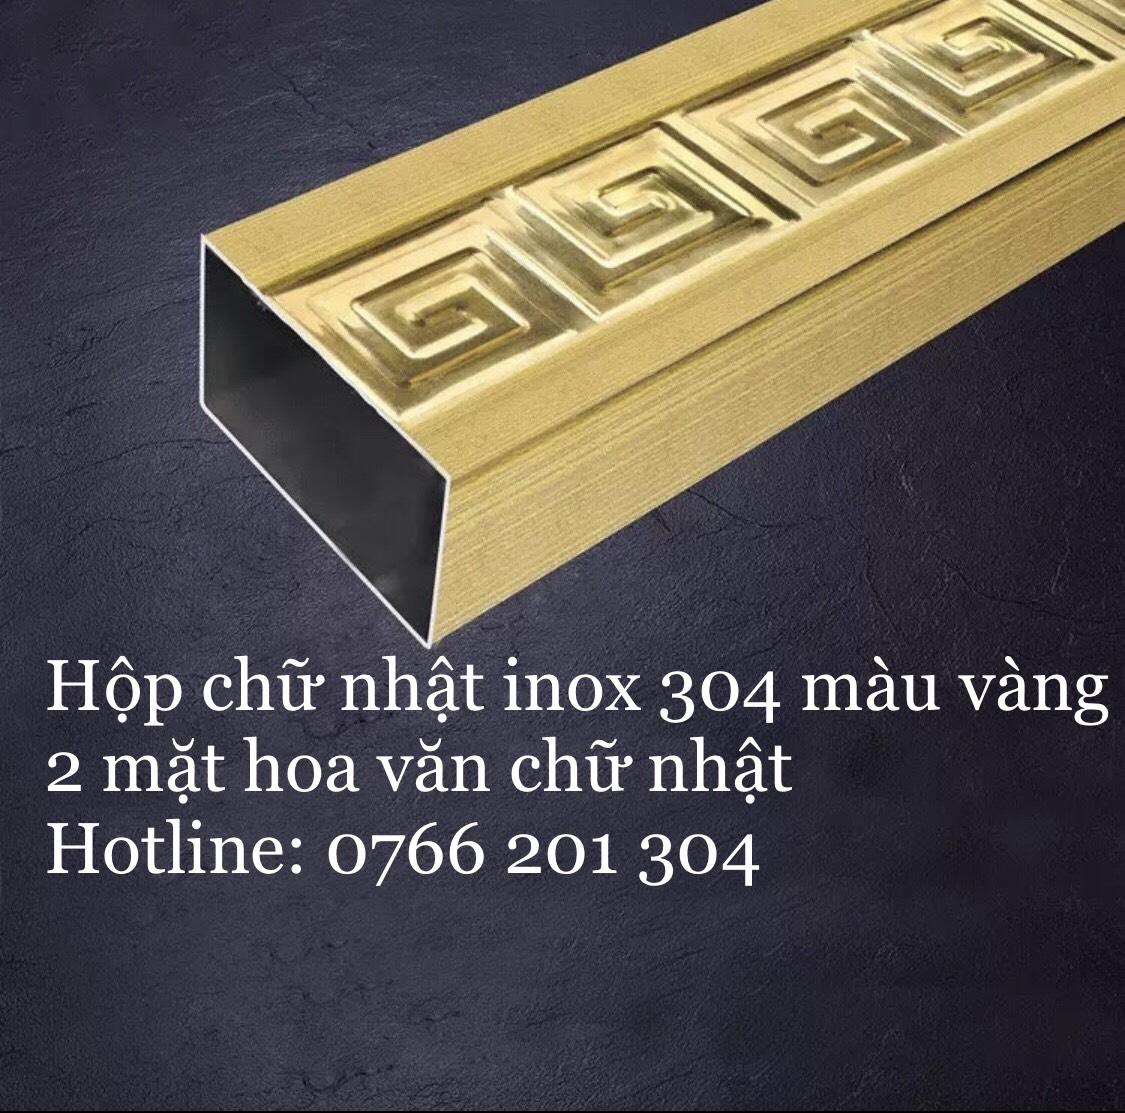 Hộp chữ nhật Inox 304 Màu Vàng